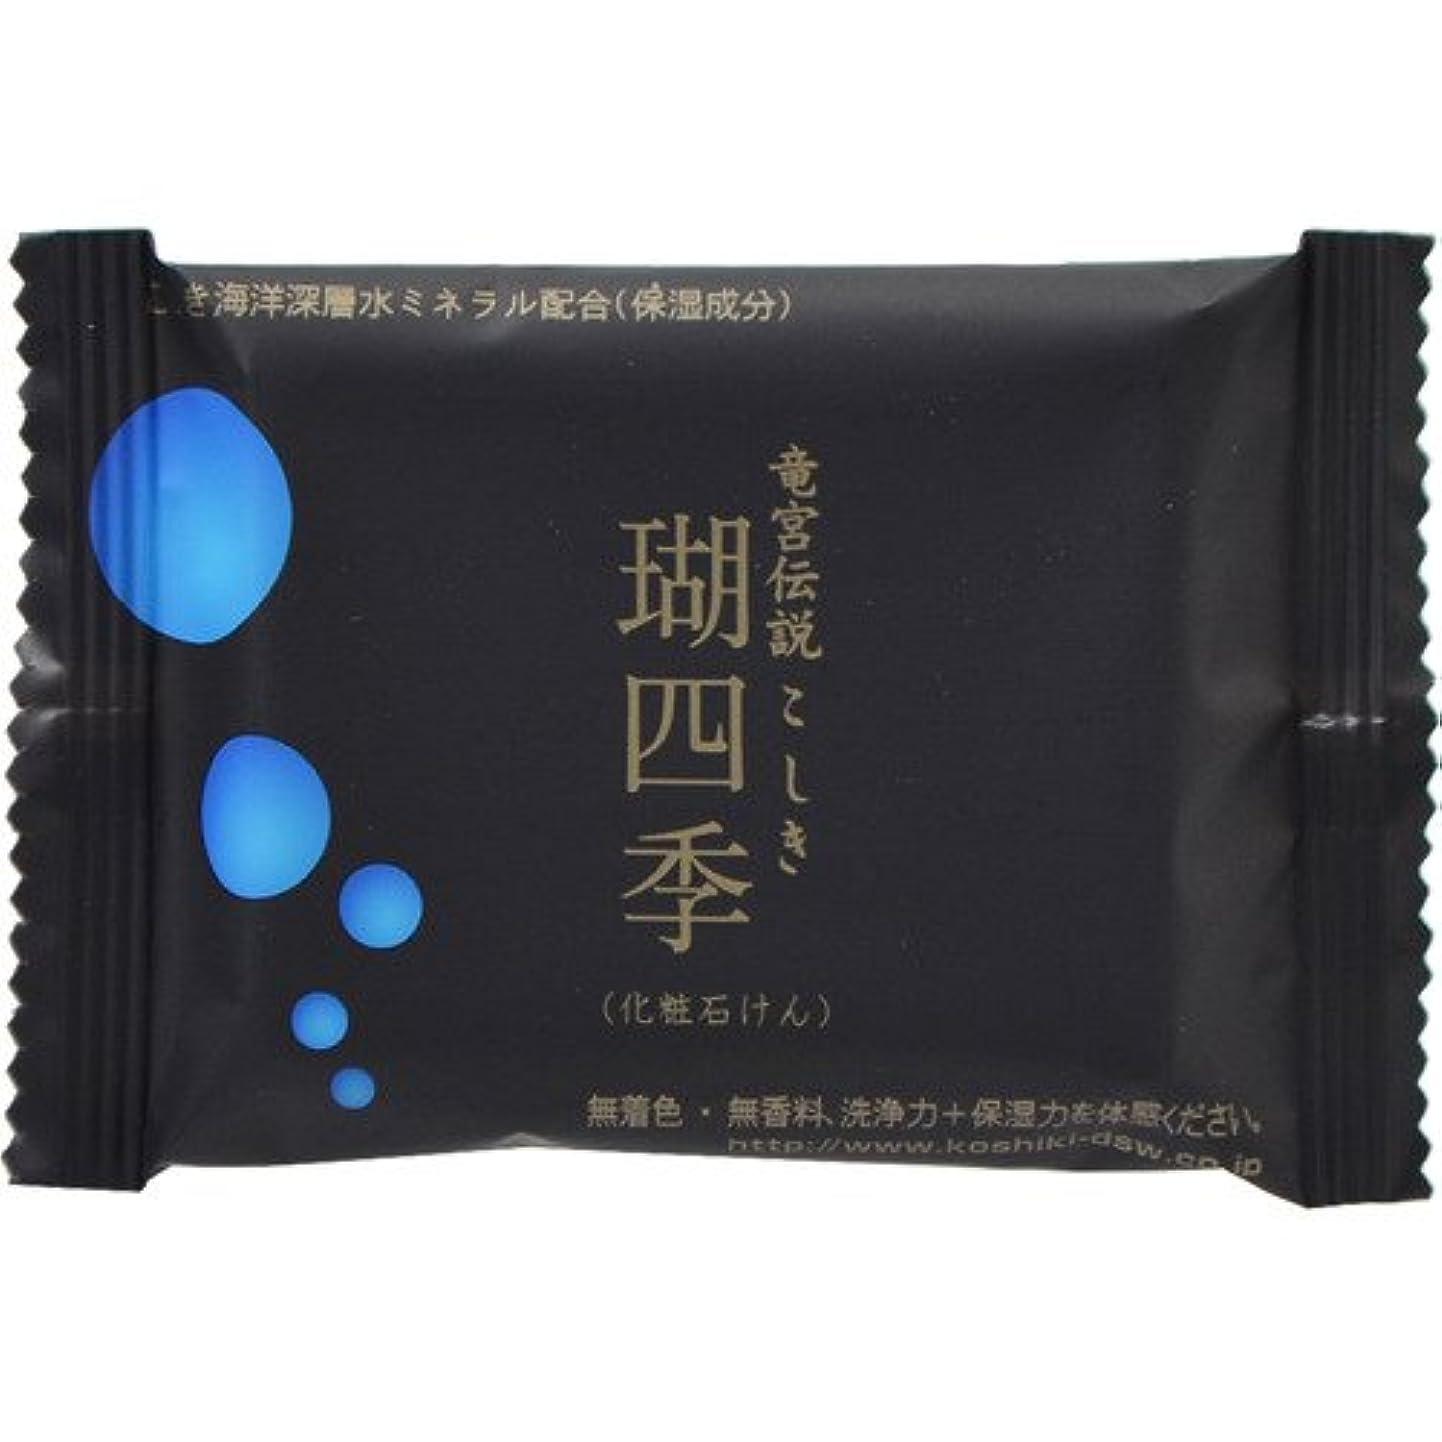 本質的ではないショッピングセンター甘くする瑚四季 化粧石鹸 30g